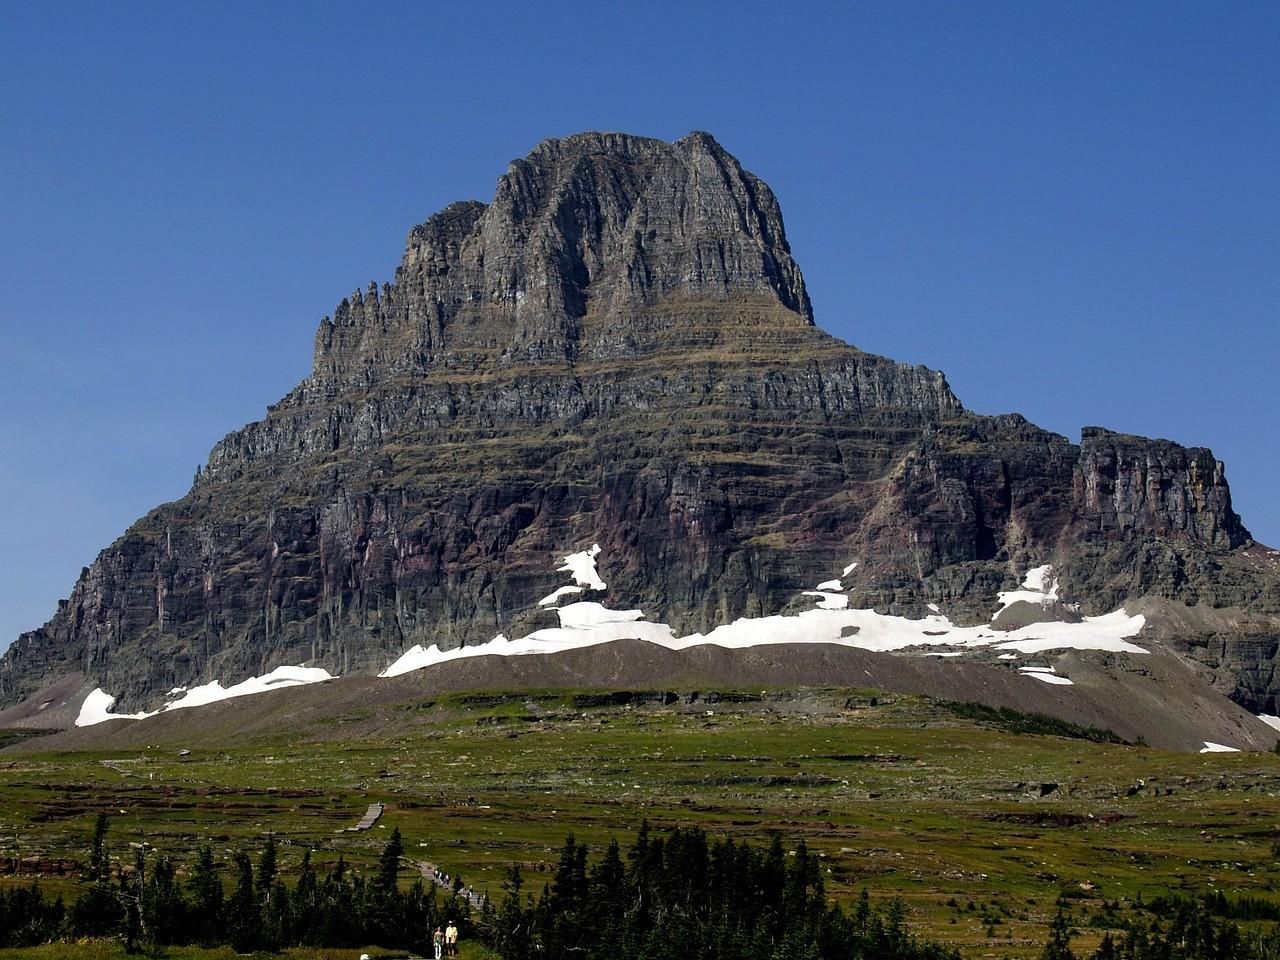 Национальный парк Глейшер, Монтана, США, Альберта, Канада